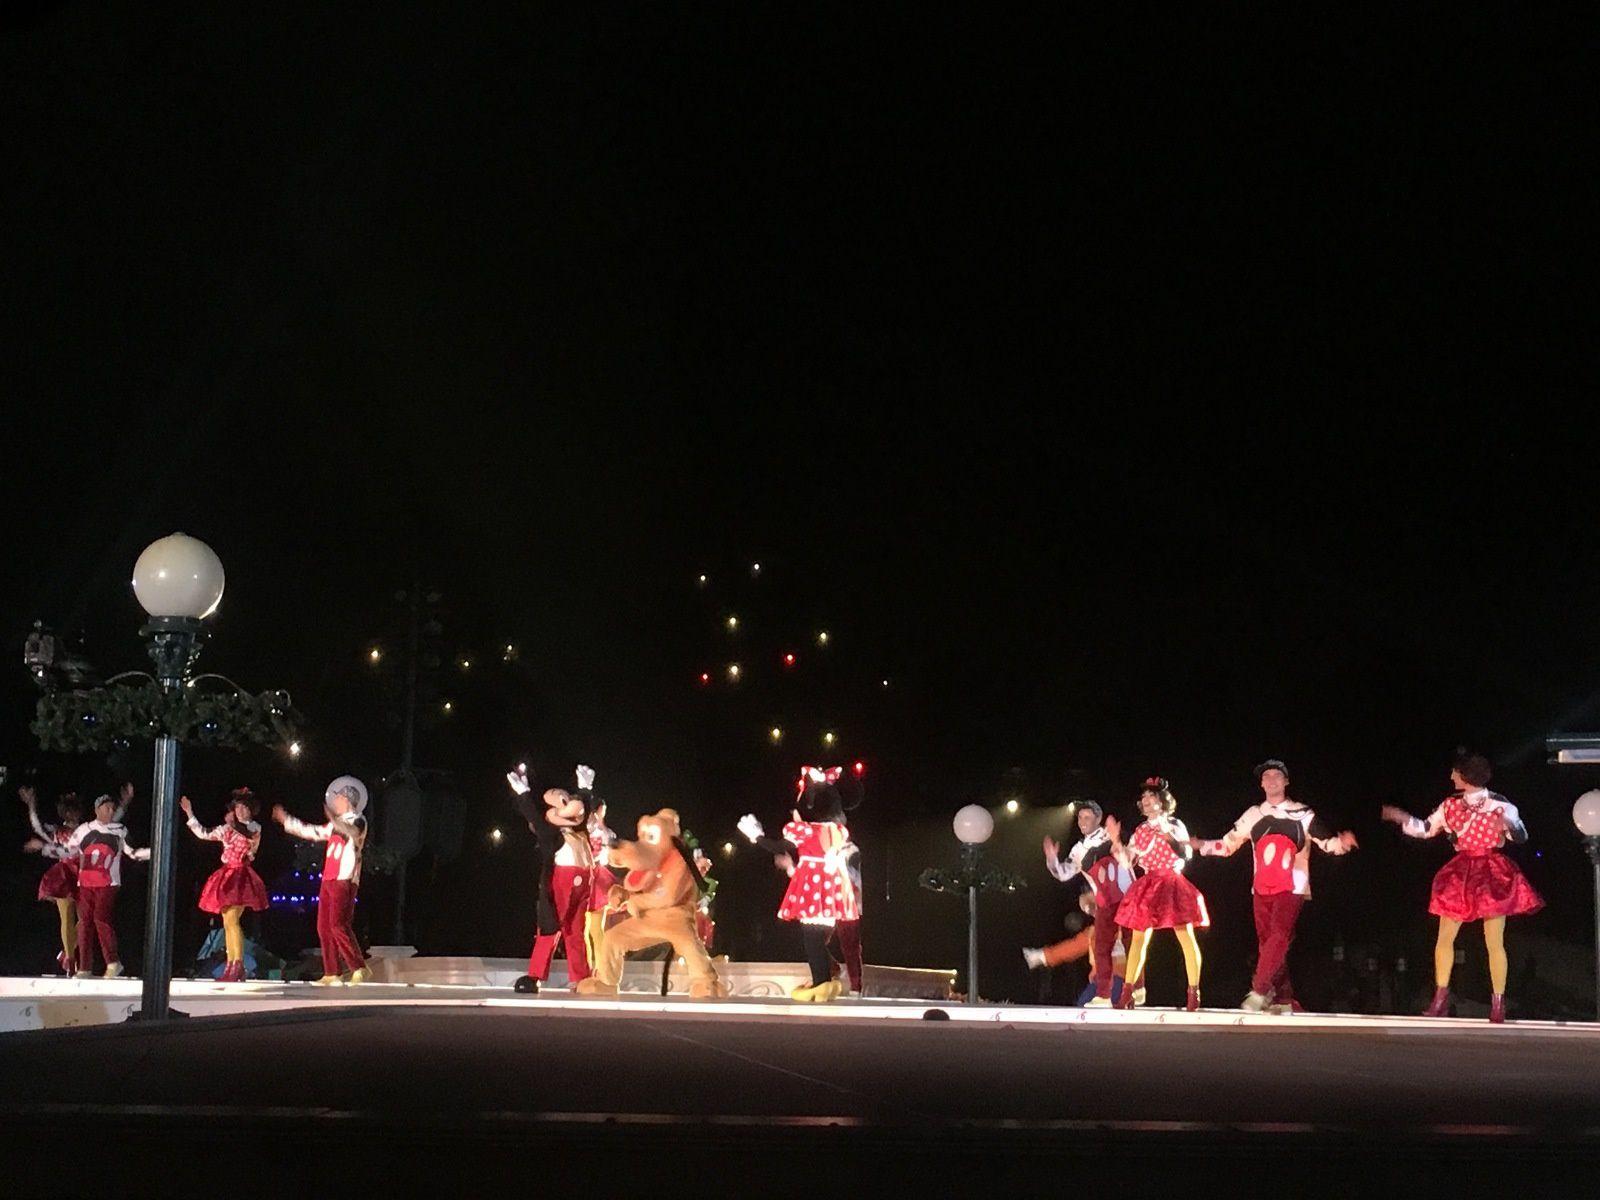 Disneyland Paris fête les 90 ans de Mickey Mouse !